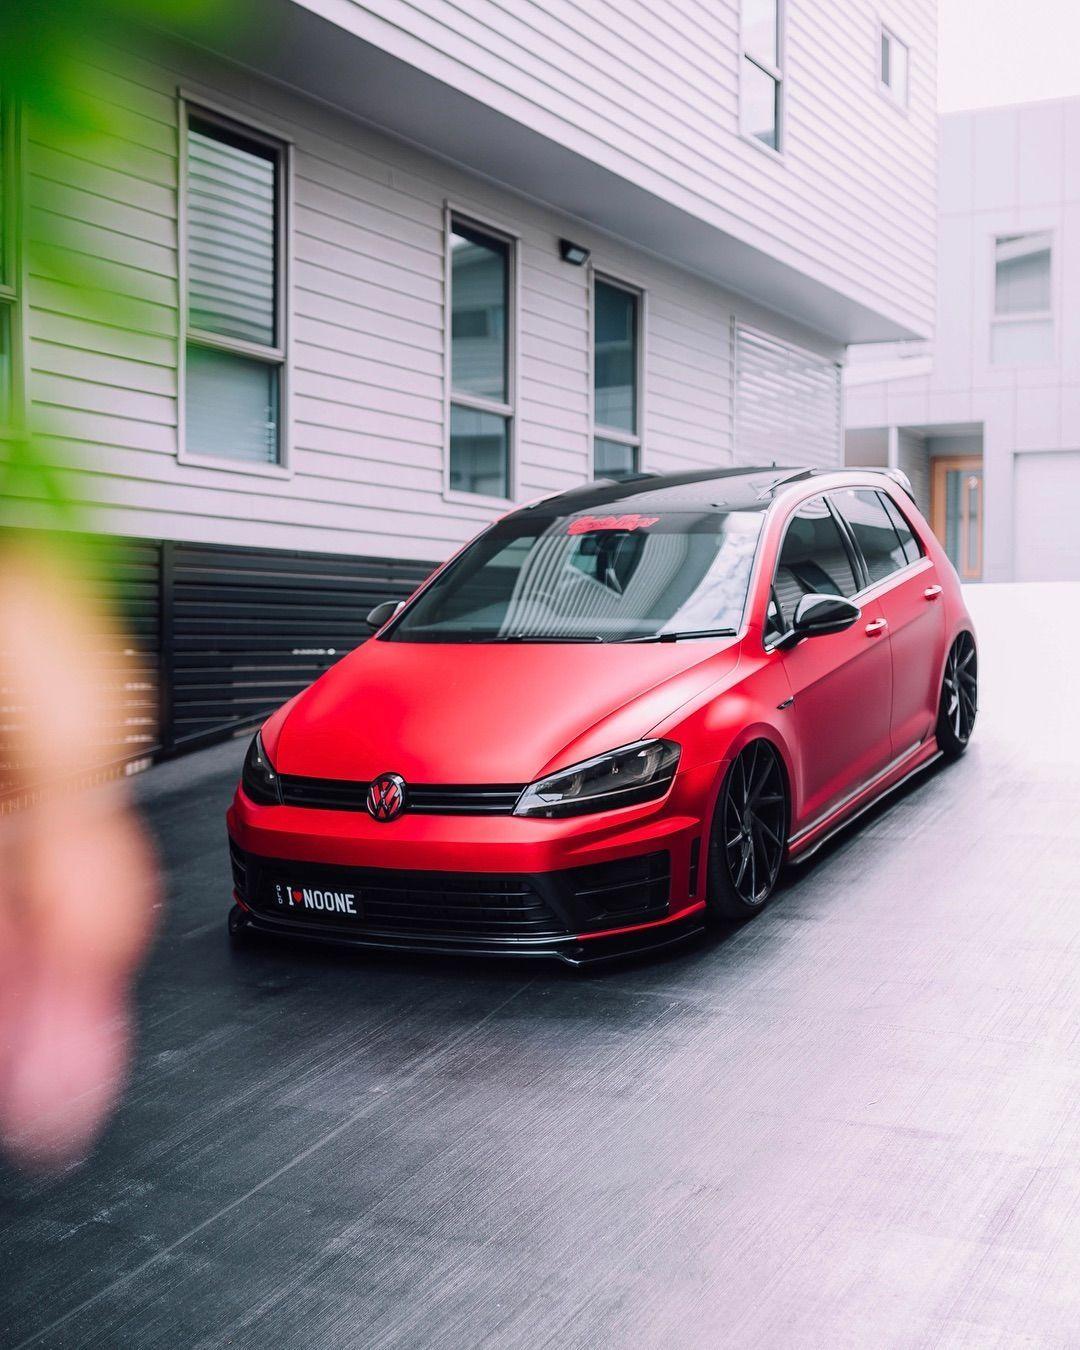 Cars Carsofinstagram Carswithoutlimits Carspotting Carstagram Carshow Carsandcoffee Carspotter Carselfi Em 2020 Super Carros Carros Rebaxados Caros Rebaixados